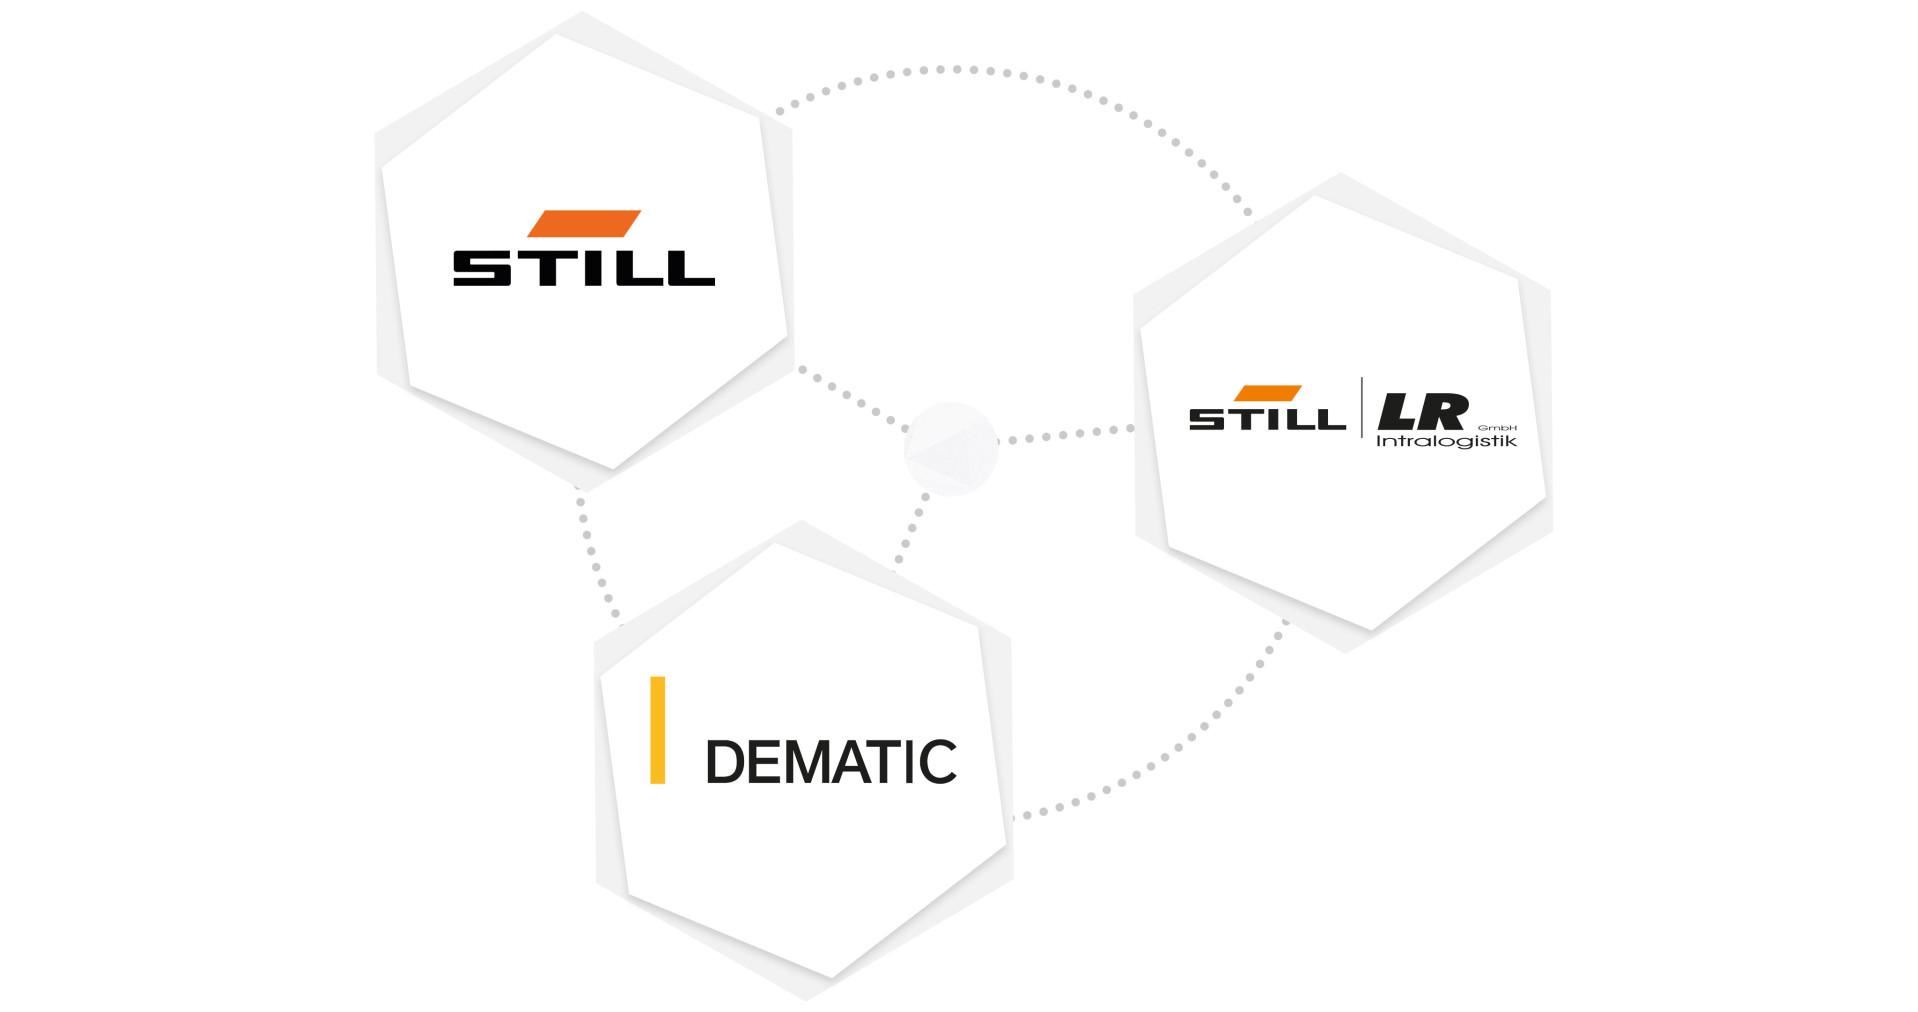 STILL Partnernetzwerk